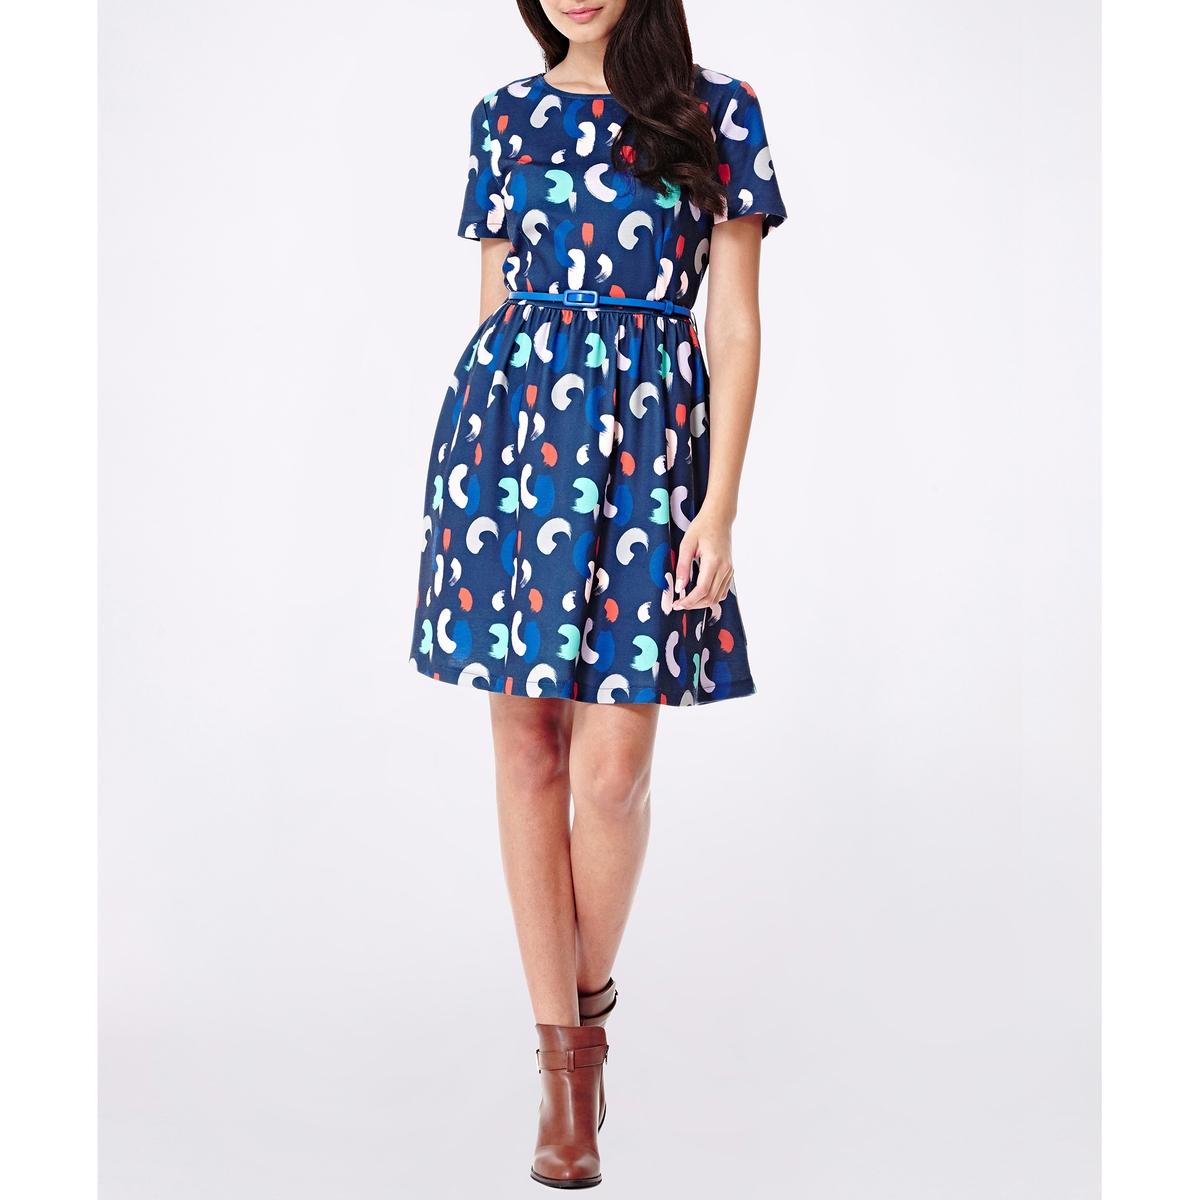 Платье расклешенное с рисунком и короткими рукавамиСостав и описание :Материал : 100% полиэстера.Марка : YUMIУход- Стирать при 30°C с вещами схожих цветов- Стирать и гладить с изнанки<br><br>Цвет: темно-синий<br>Размер: 44 (FR) - 50 (RUS)